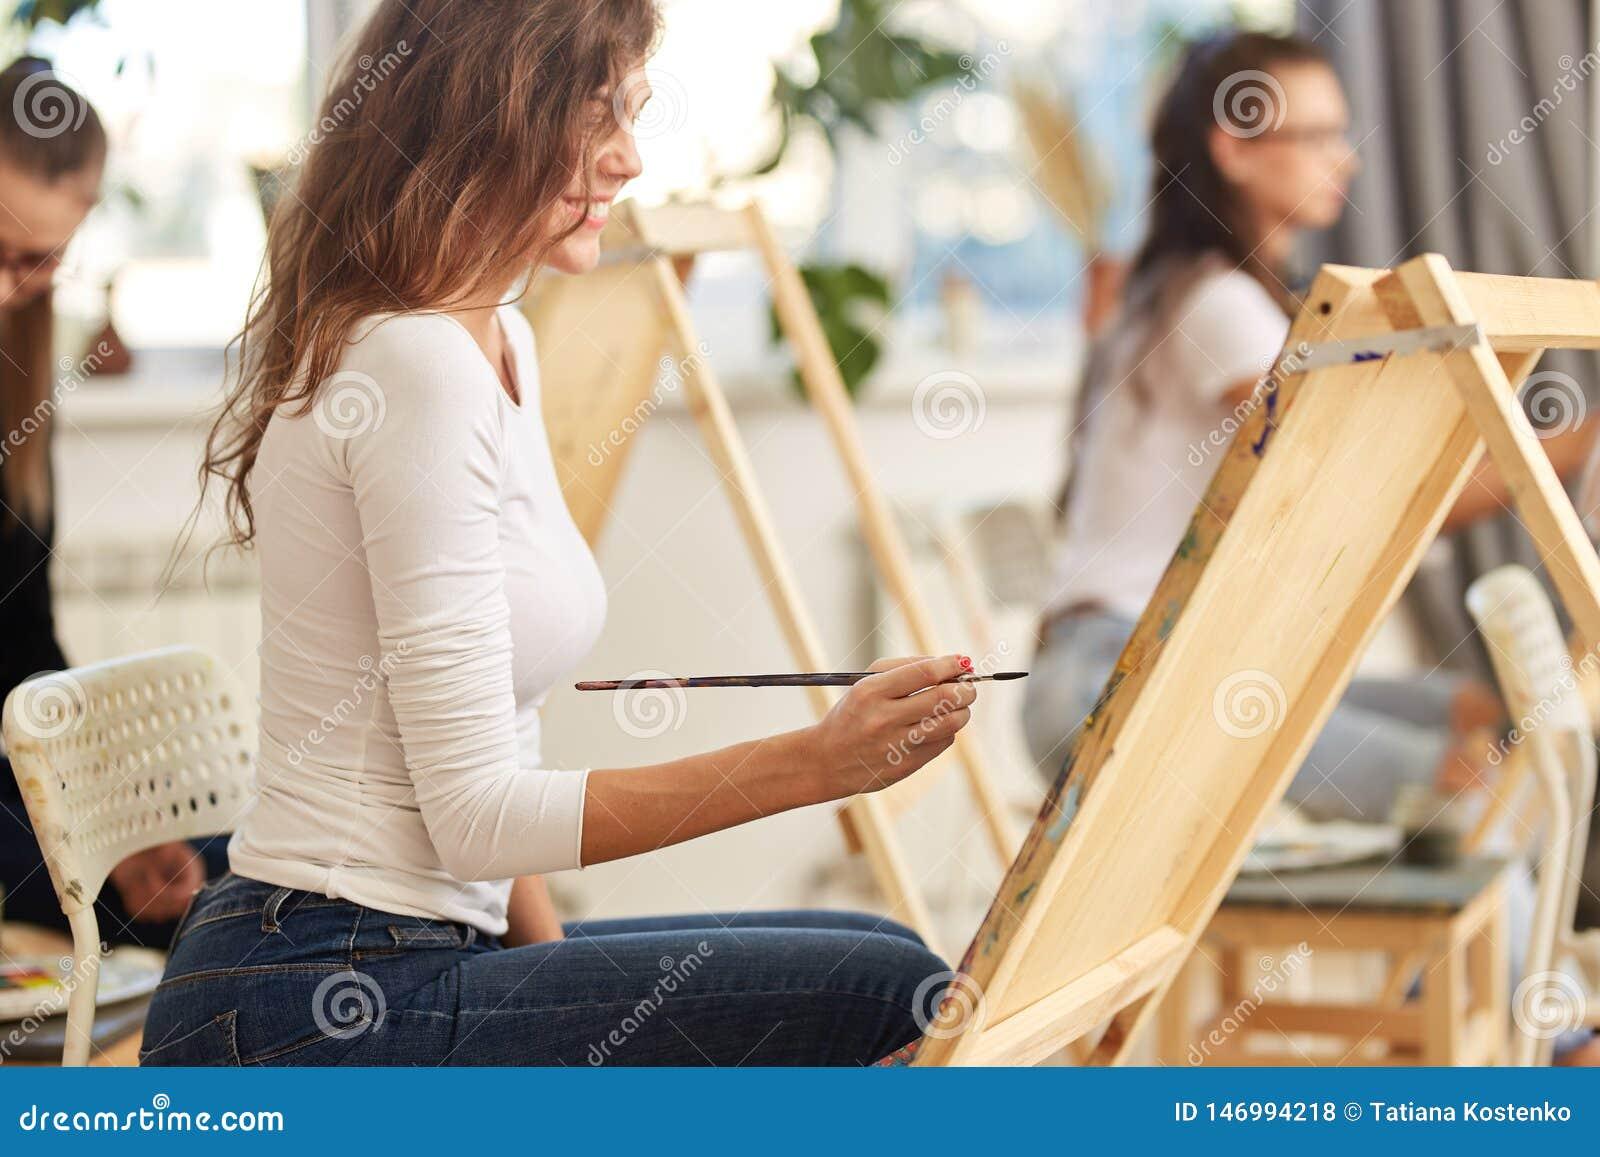 Le flickan med den bruna ikl?dda vita blusen f?r lockigt h?r m?lar en bild p? staffli i den dra skolan